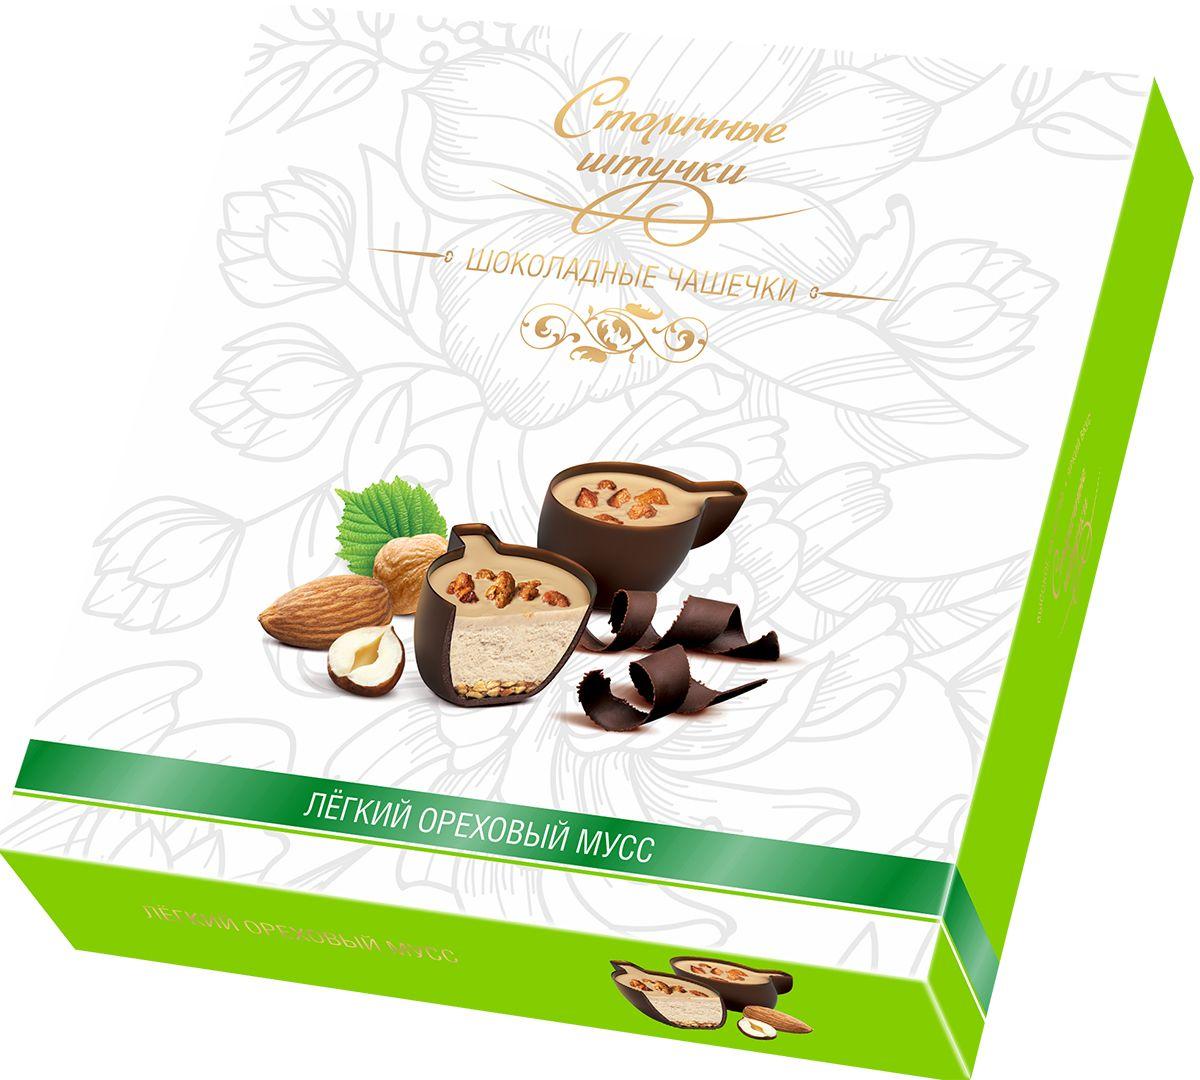 Столичные штучки Конфеты шоколадные с начинкой Ореховый мусс, 104 г1826Конфета представляет собой стаканчик с идеально ровными стенками из натурального бельгийского шоколада. Темный шоколад выгодно оттеняет своим насыщенным вкусом нежнейшие начинки, а тонкие стенки стаканчика позволяют насладиться приятной тающей структурой конфеты. Изысканный декор идеально дополняет вкусовую гамму конфеты, придавая ей натуральный аромат и заставляя звучать по-новому классические вкусы.